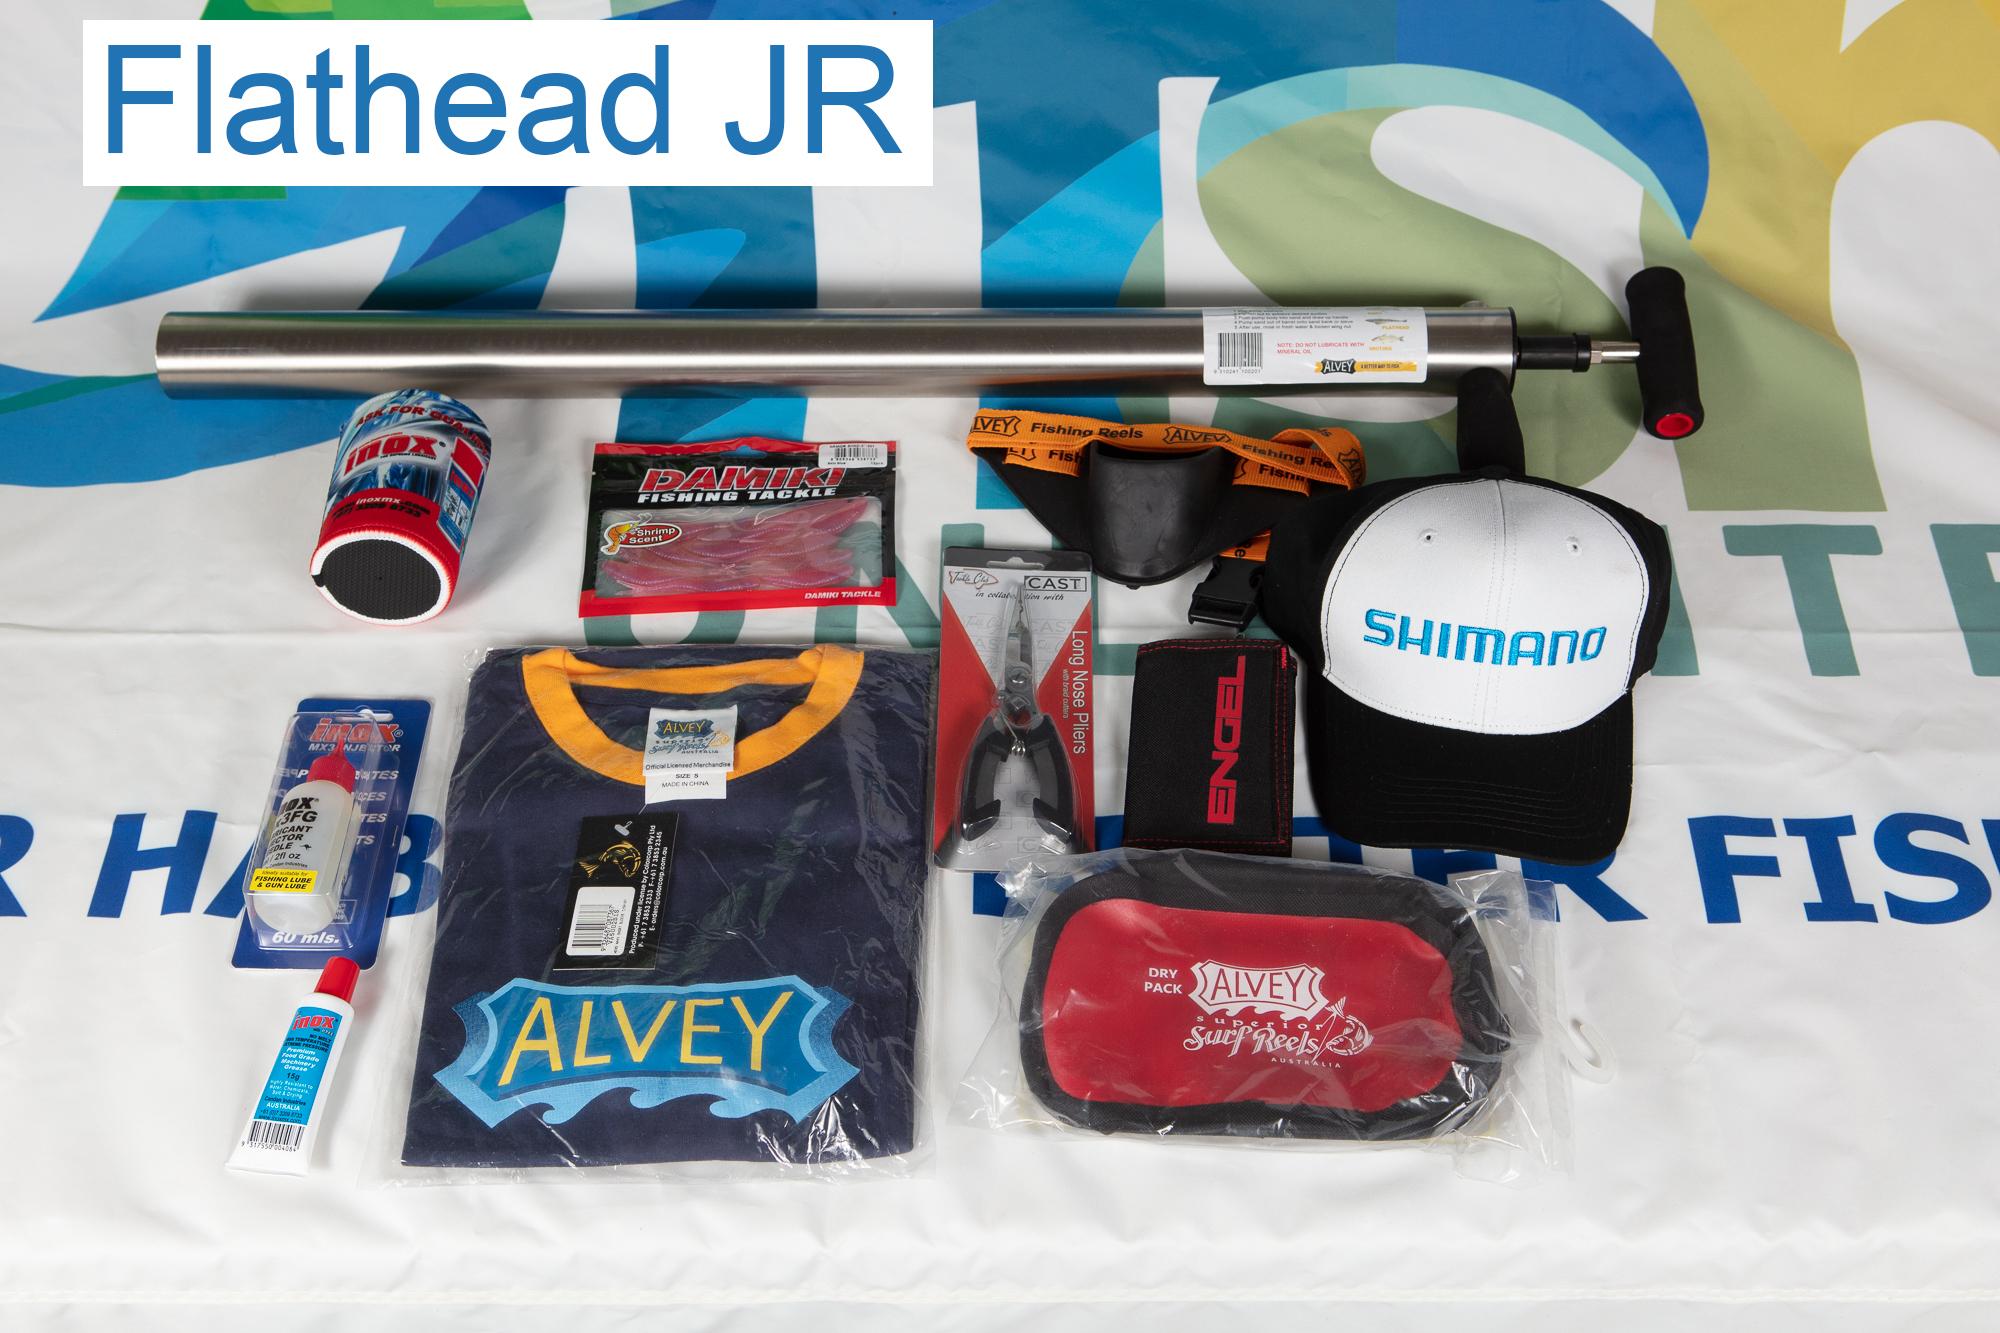 Flathead JR.jpg